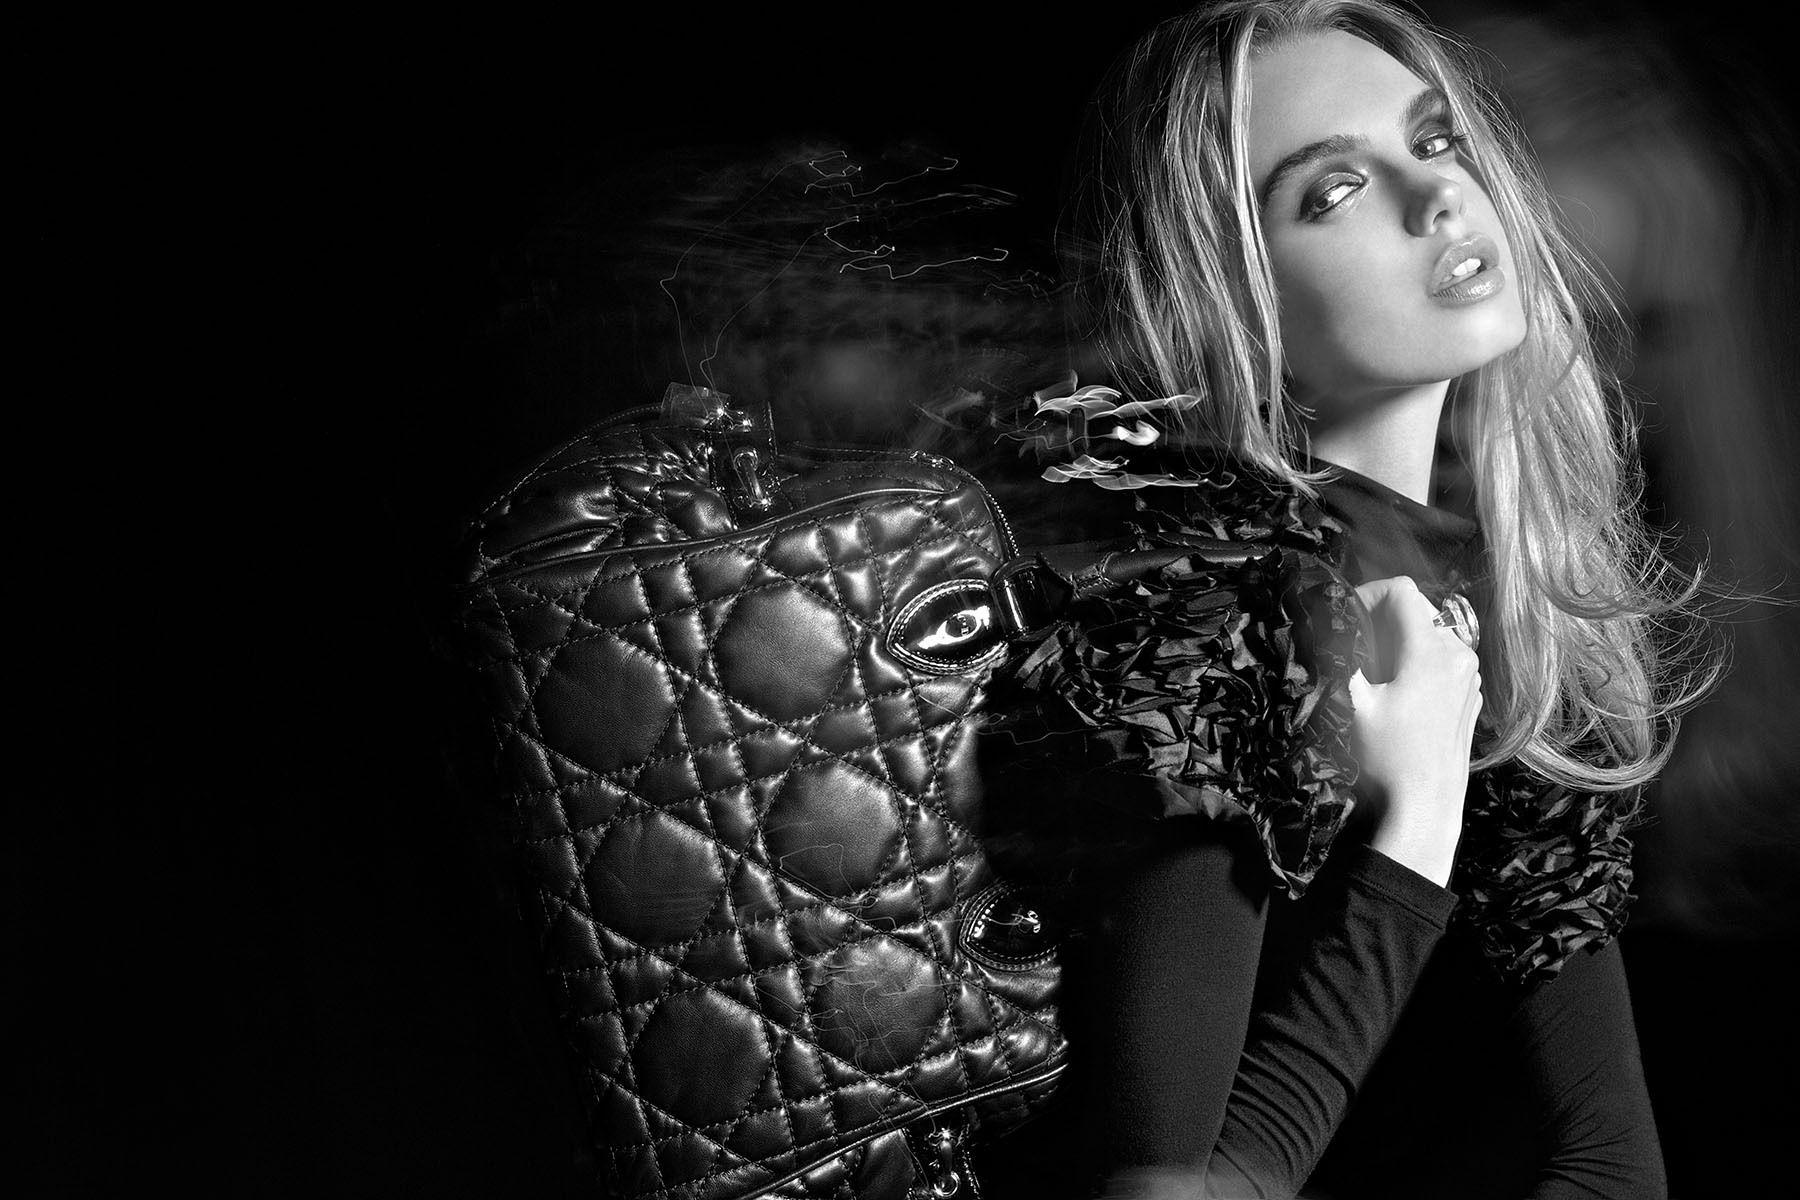 Model: Aurelia Gliwska